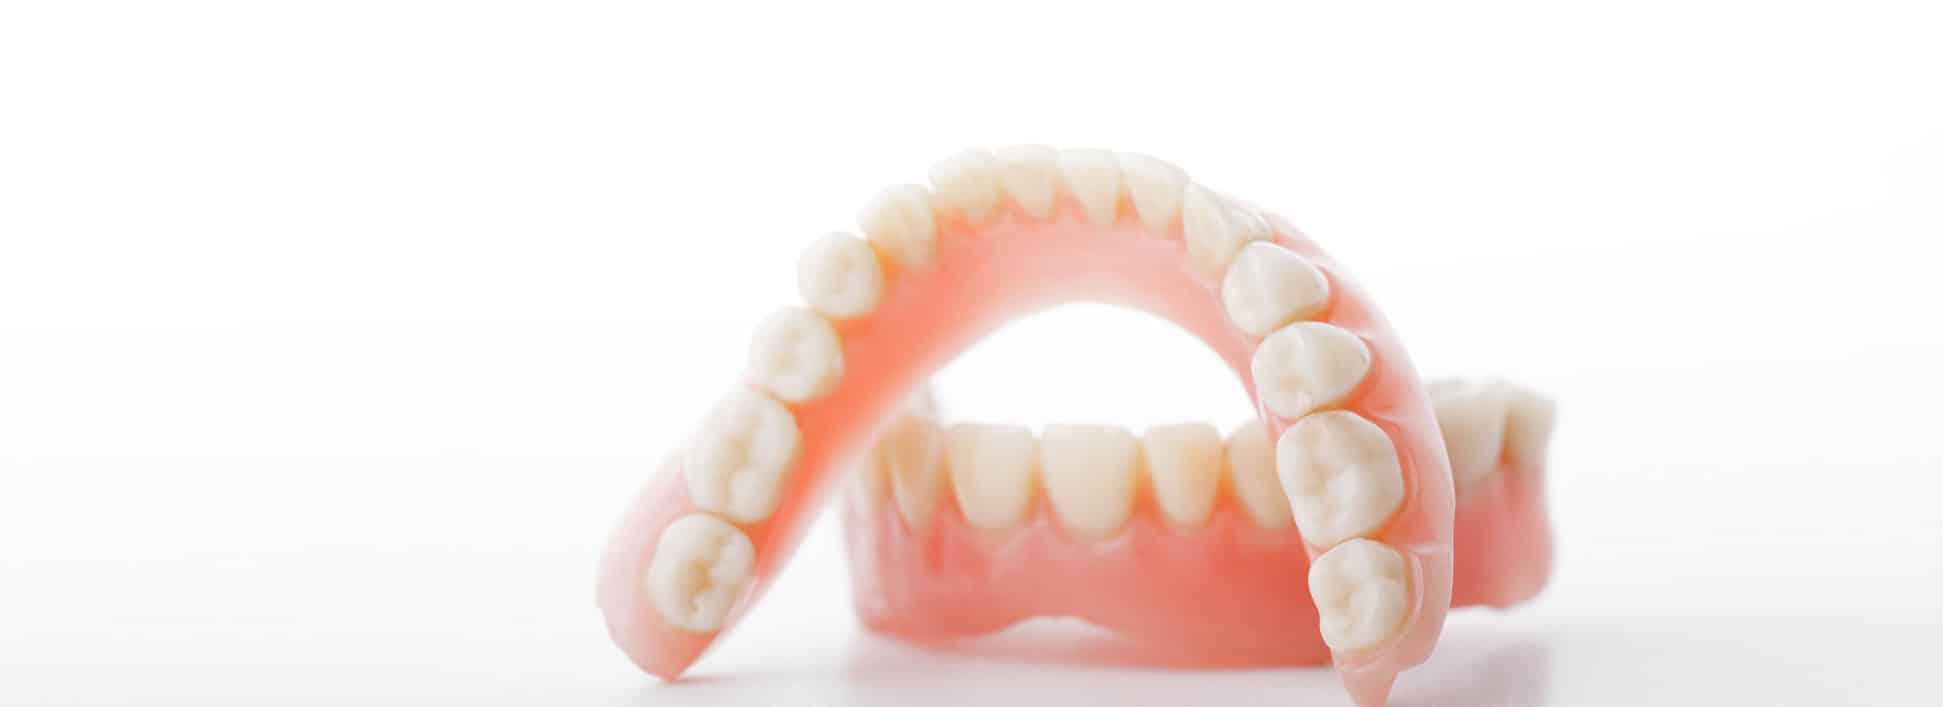 Услуга протезирования зубов